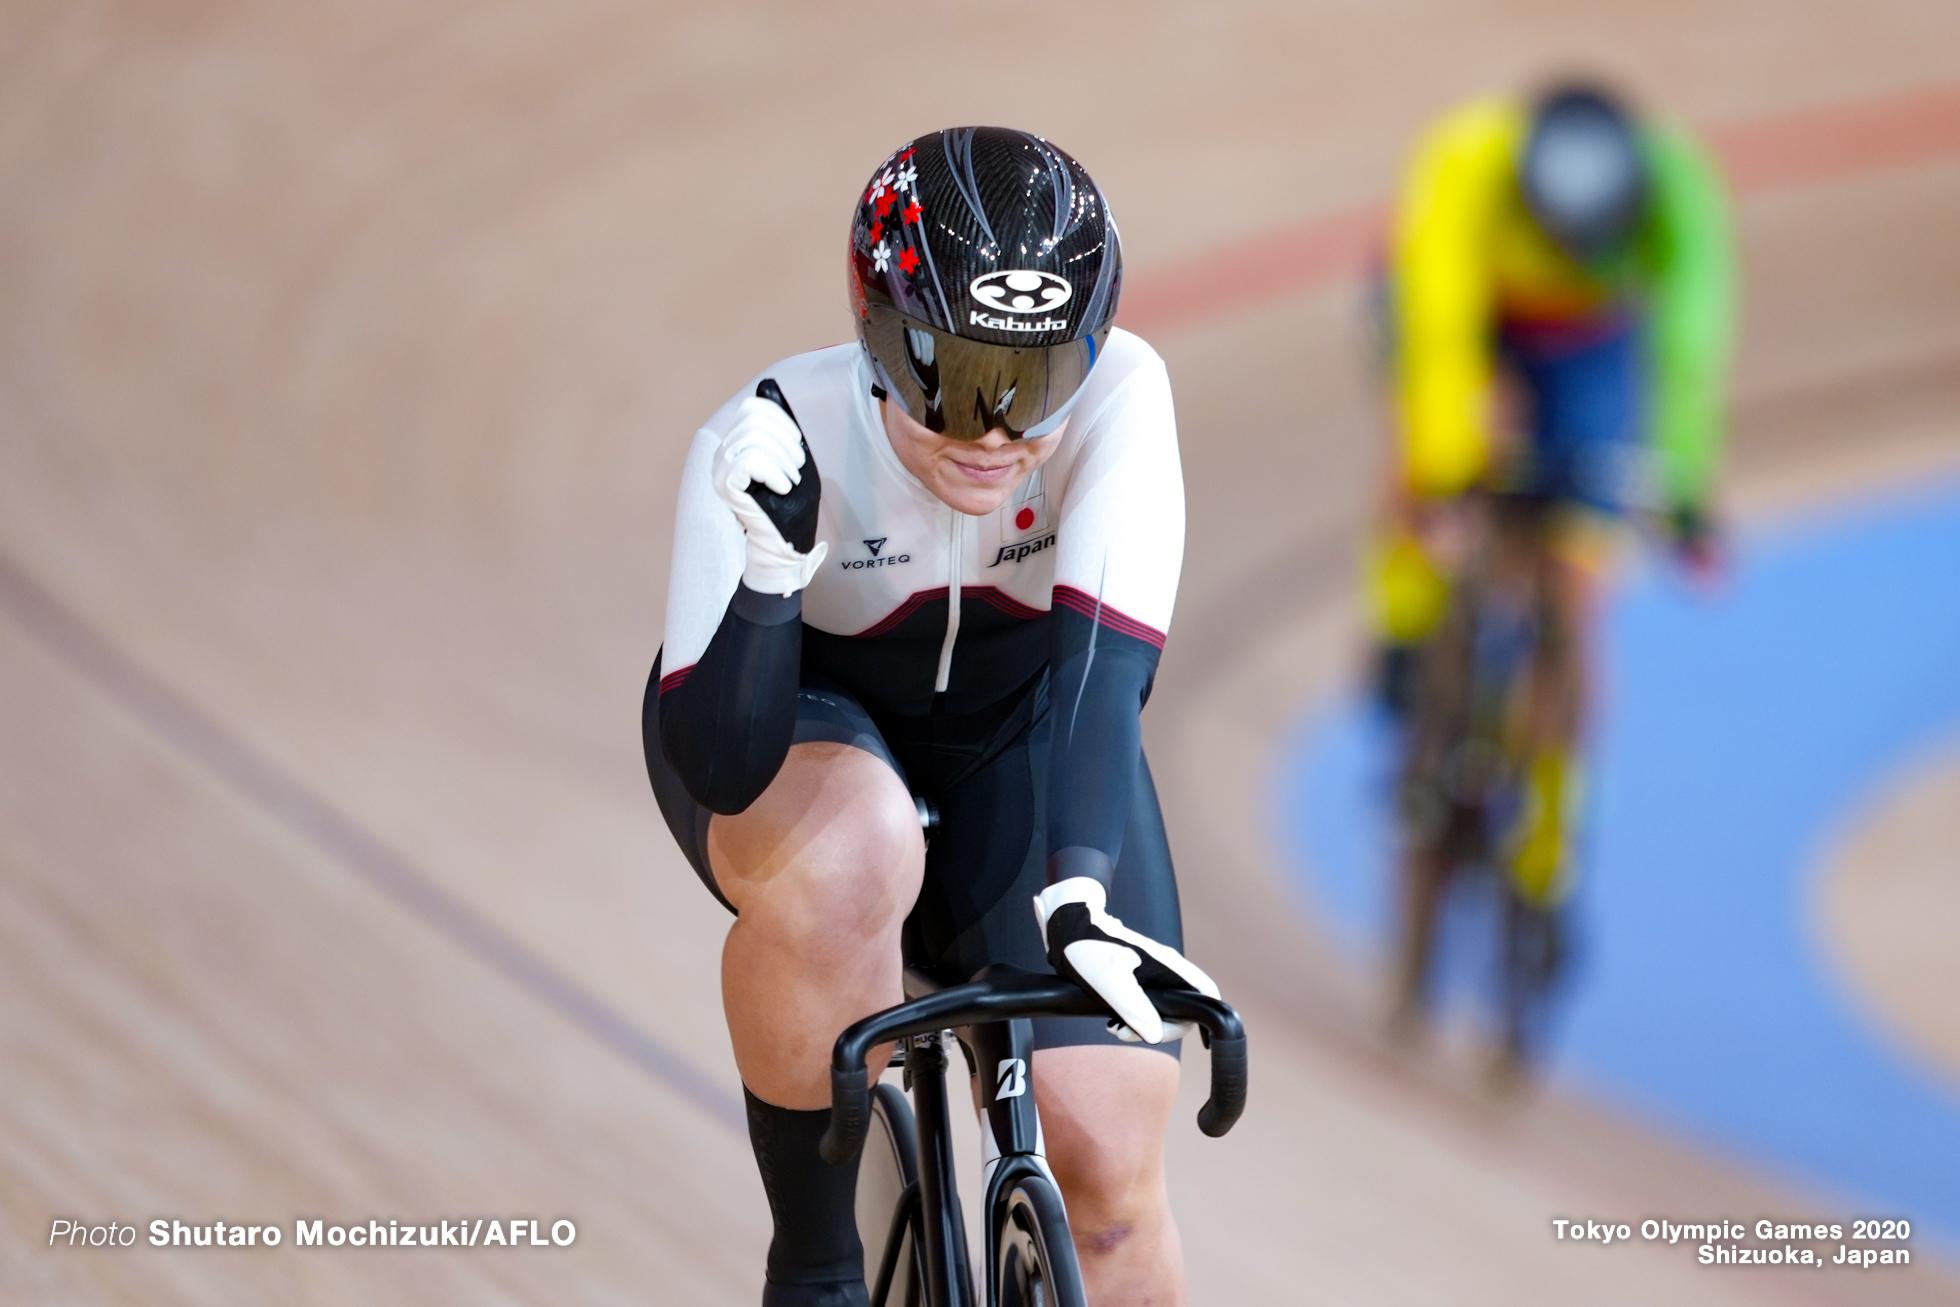 小林優香 Yuka Kobayashi (JPN), Women's Keirin 1st Round AUGUST 4, 2021 - Cycling : during the Tokyo 2020 Olympic Games at the Izu Velodrome in Shizuoka, Japan. (Photo by Shutaro Mochizuki/AFLO)